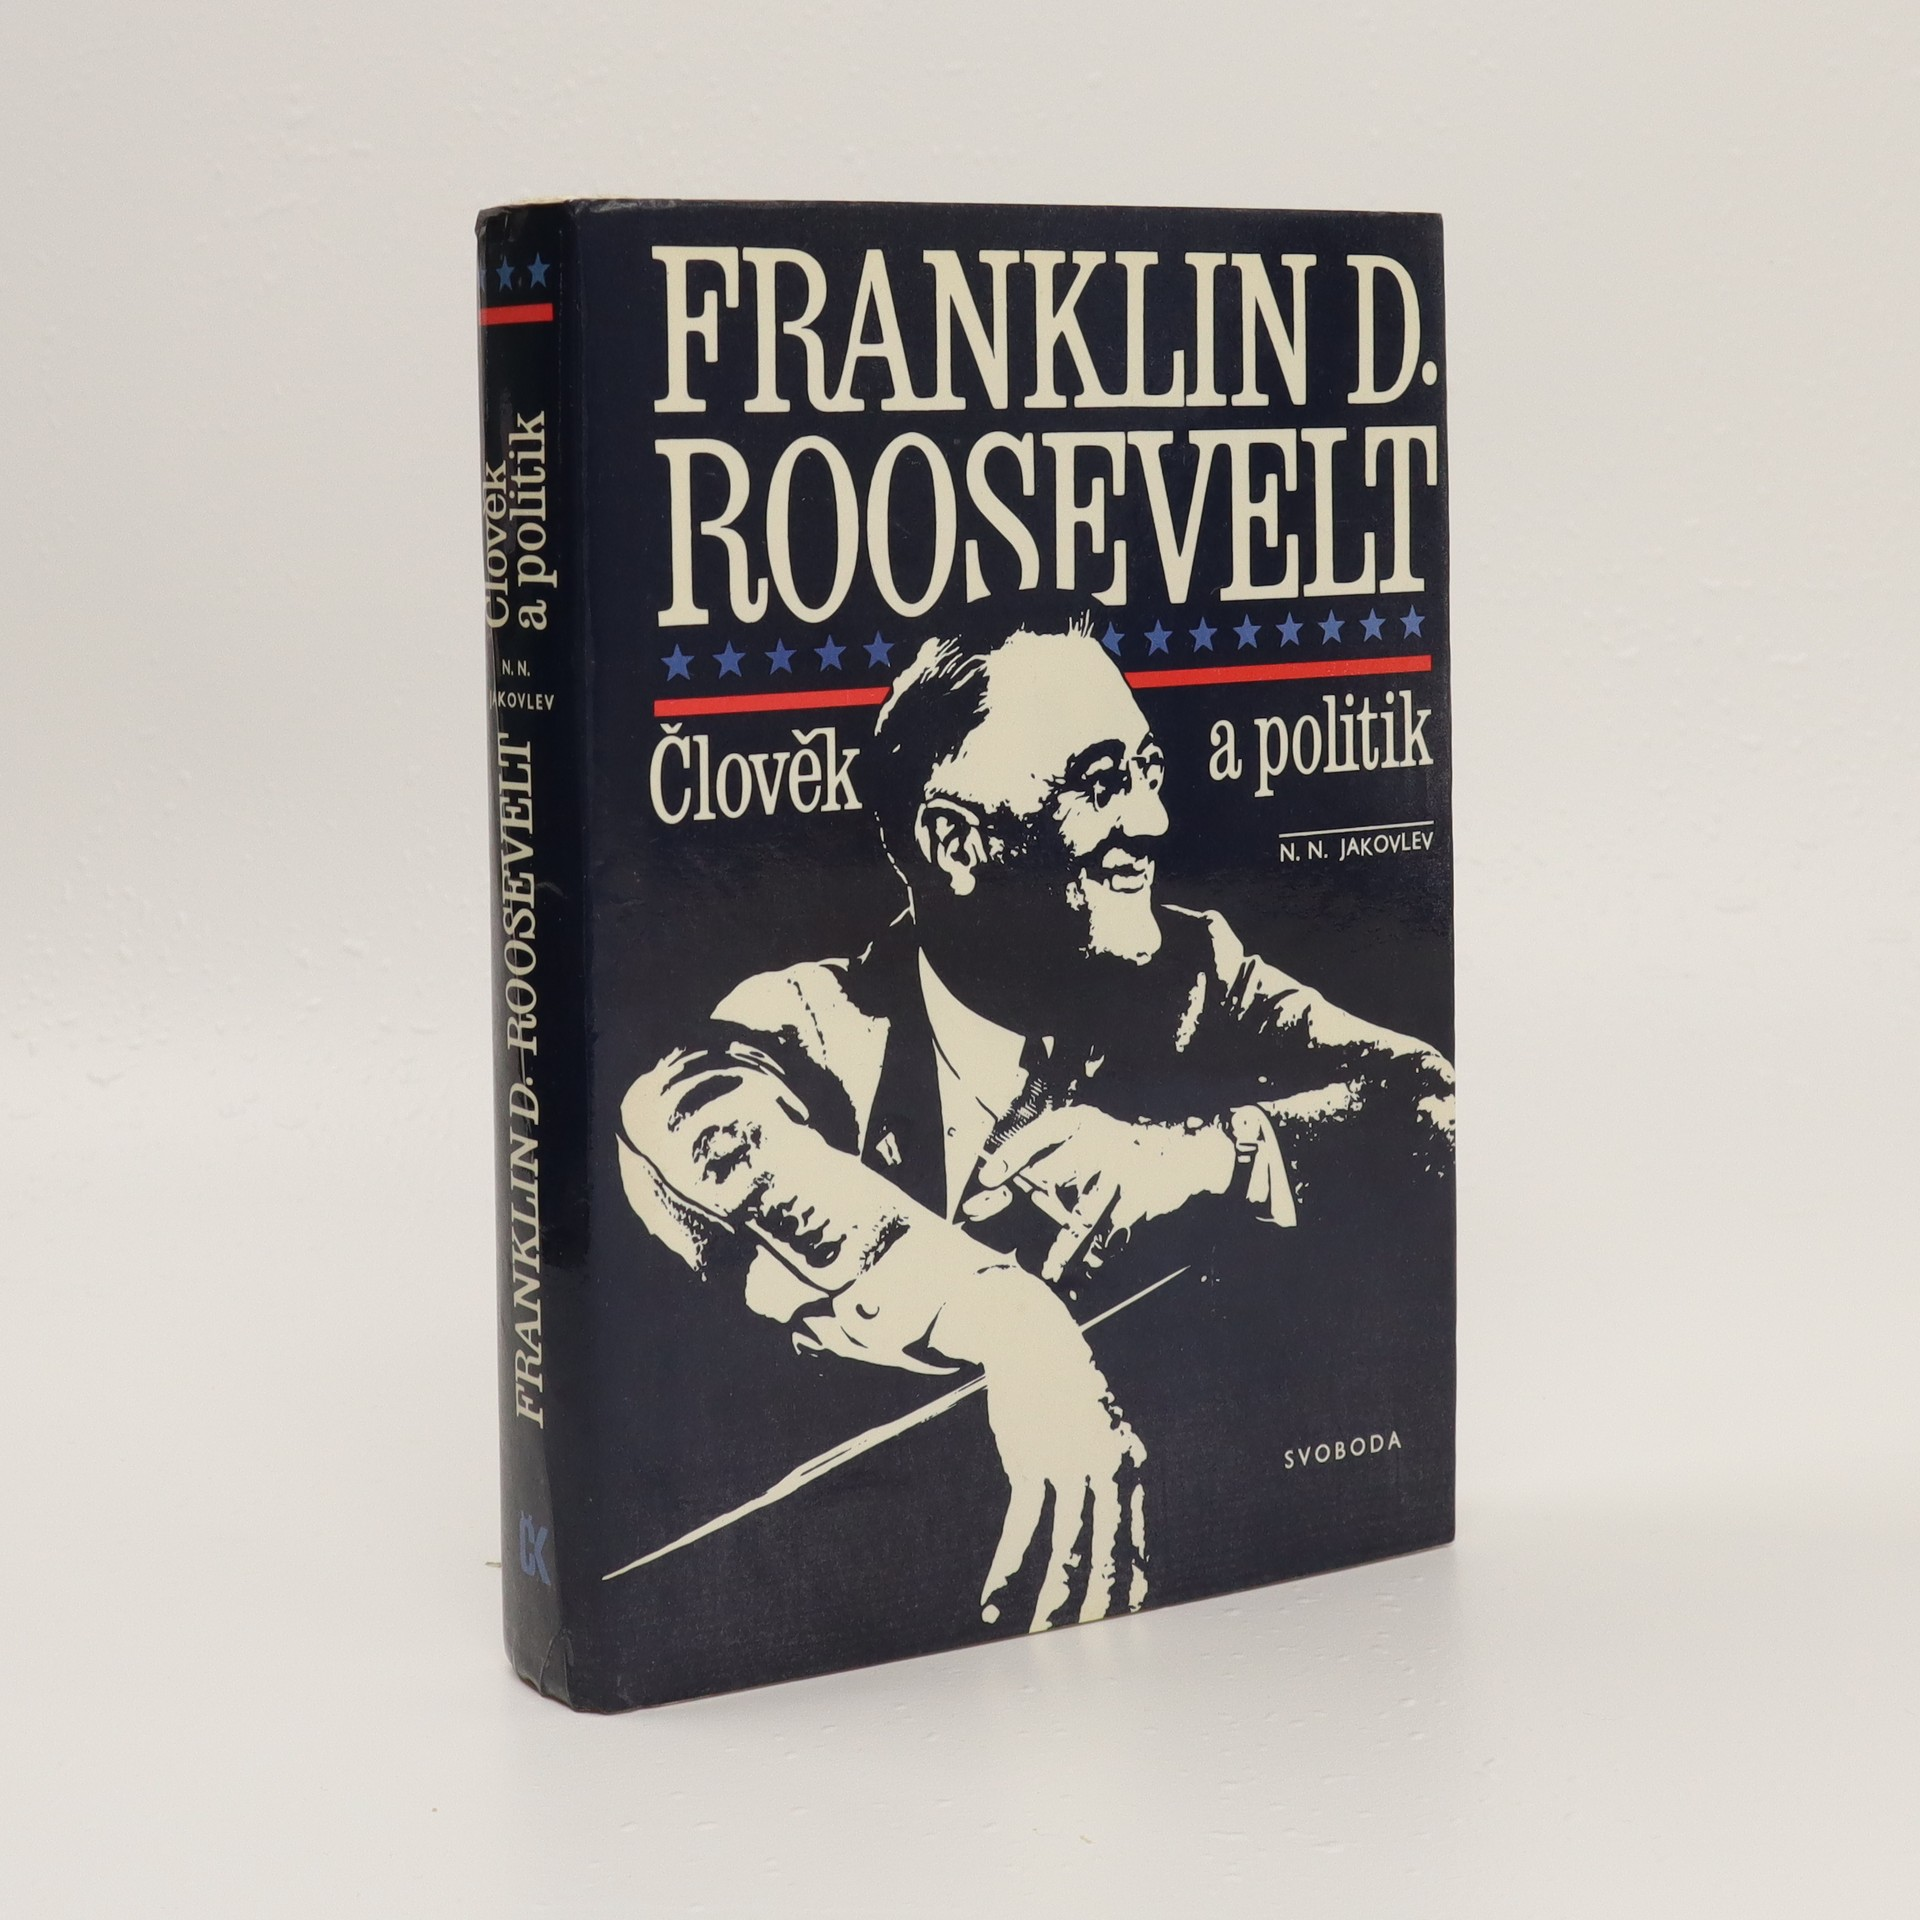 antikvární kniha Franklin D. Roosevelt. Člověk a politik, 1985